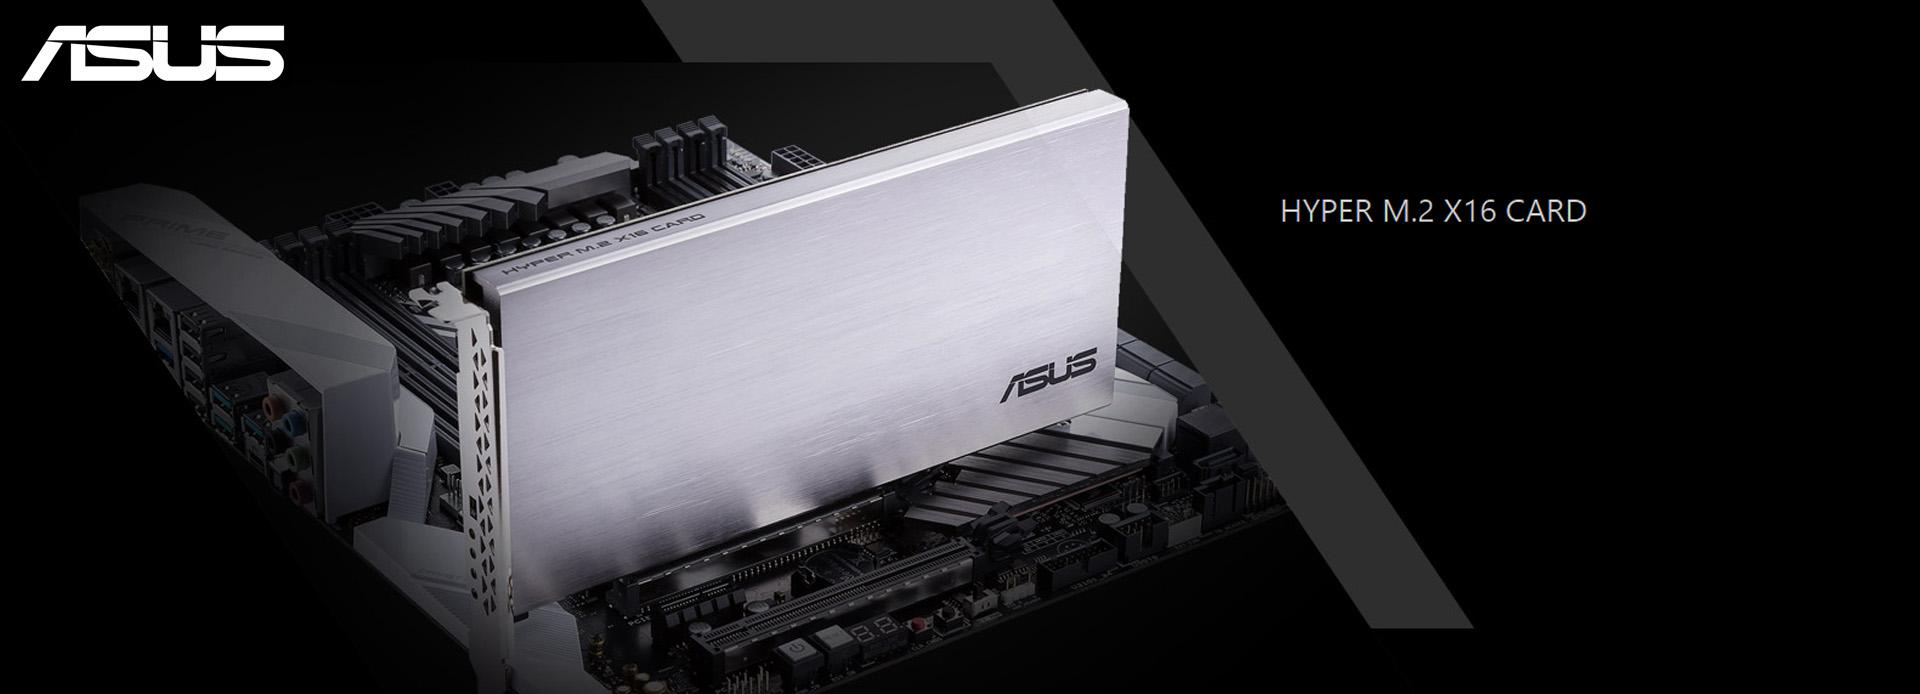 ASUS Releases HYPER M 2 X16 RAID Card